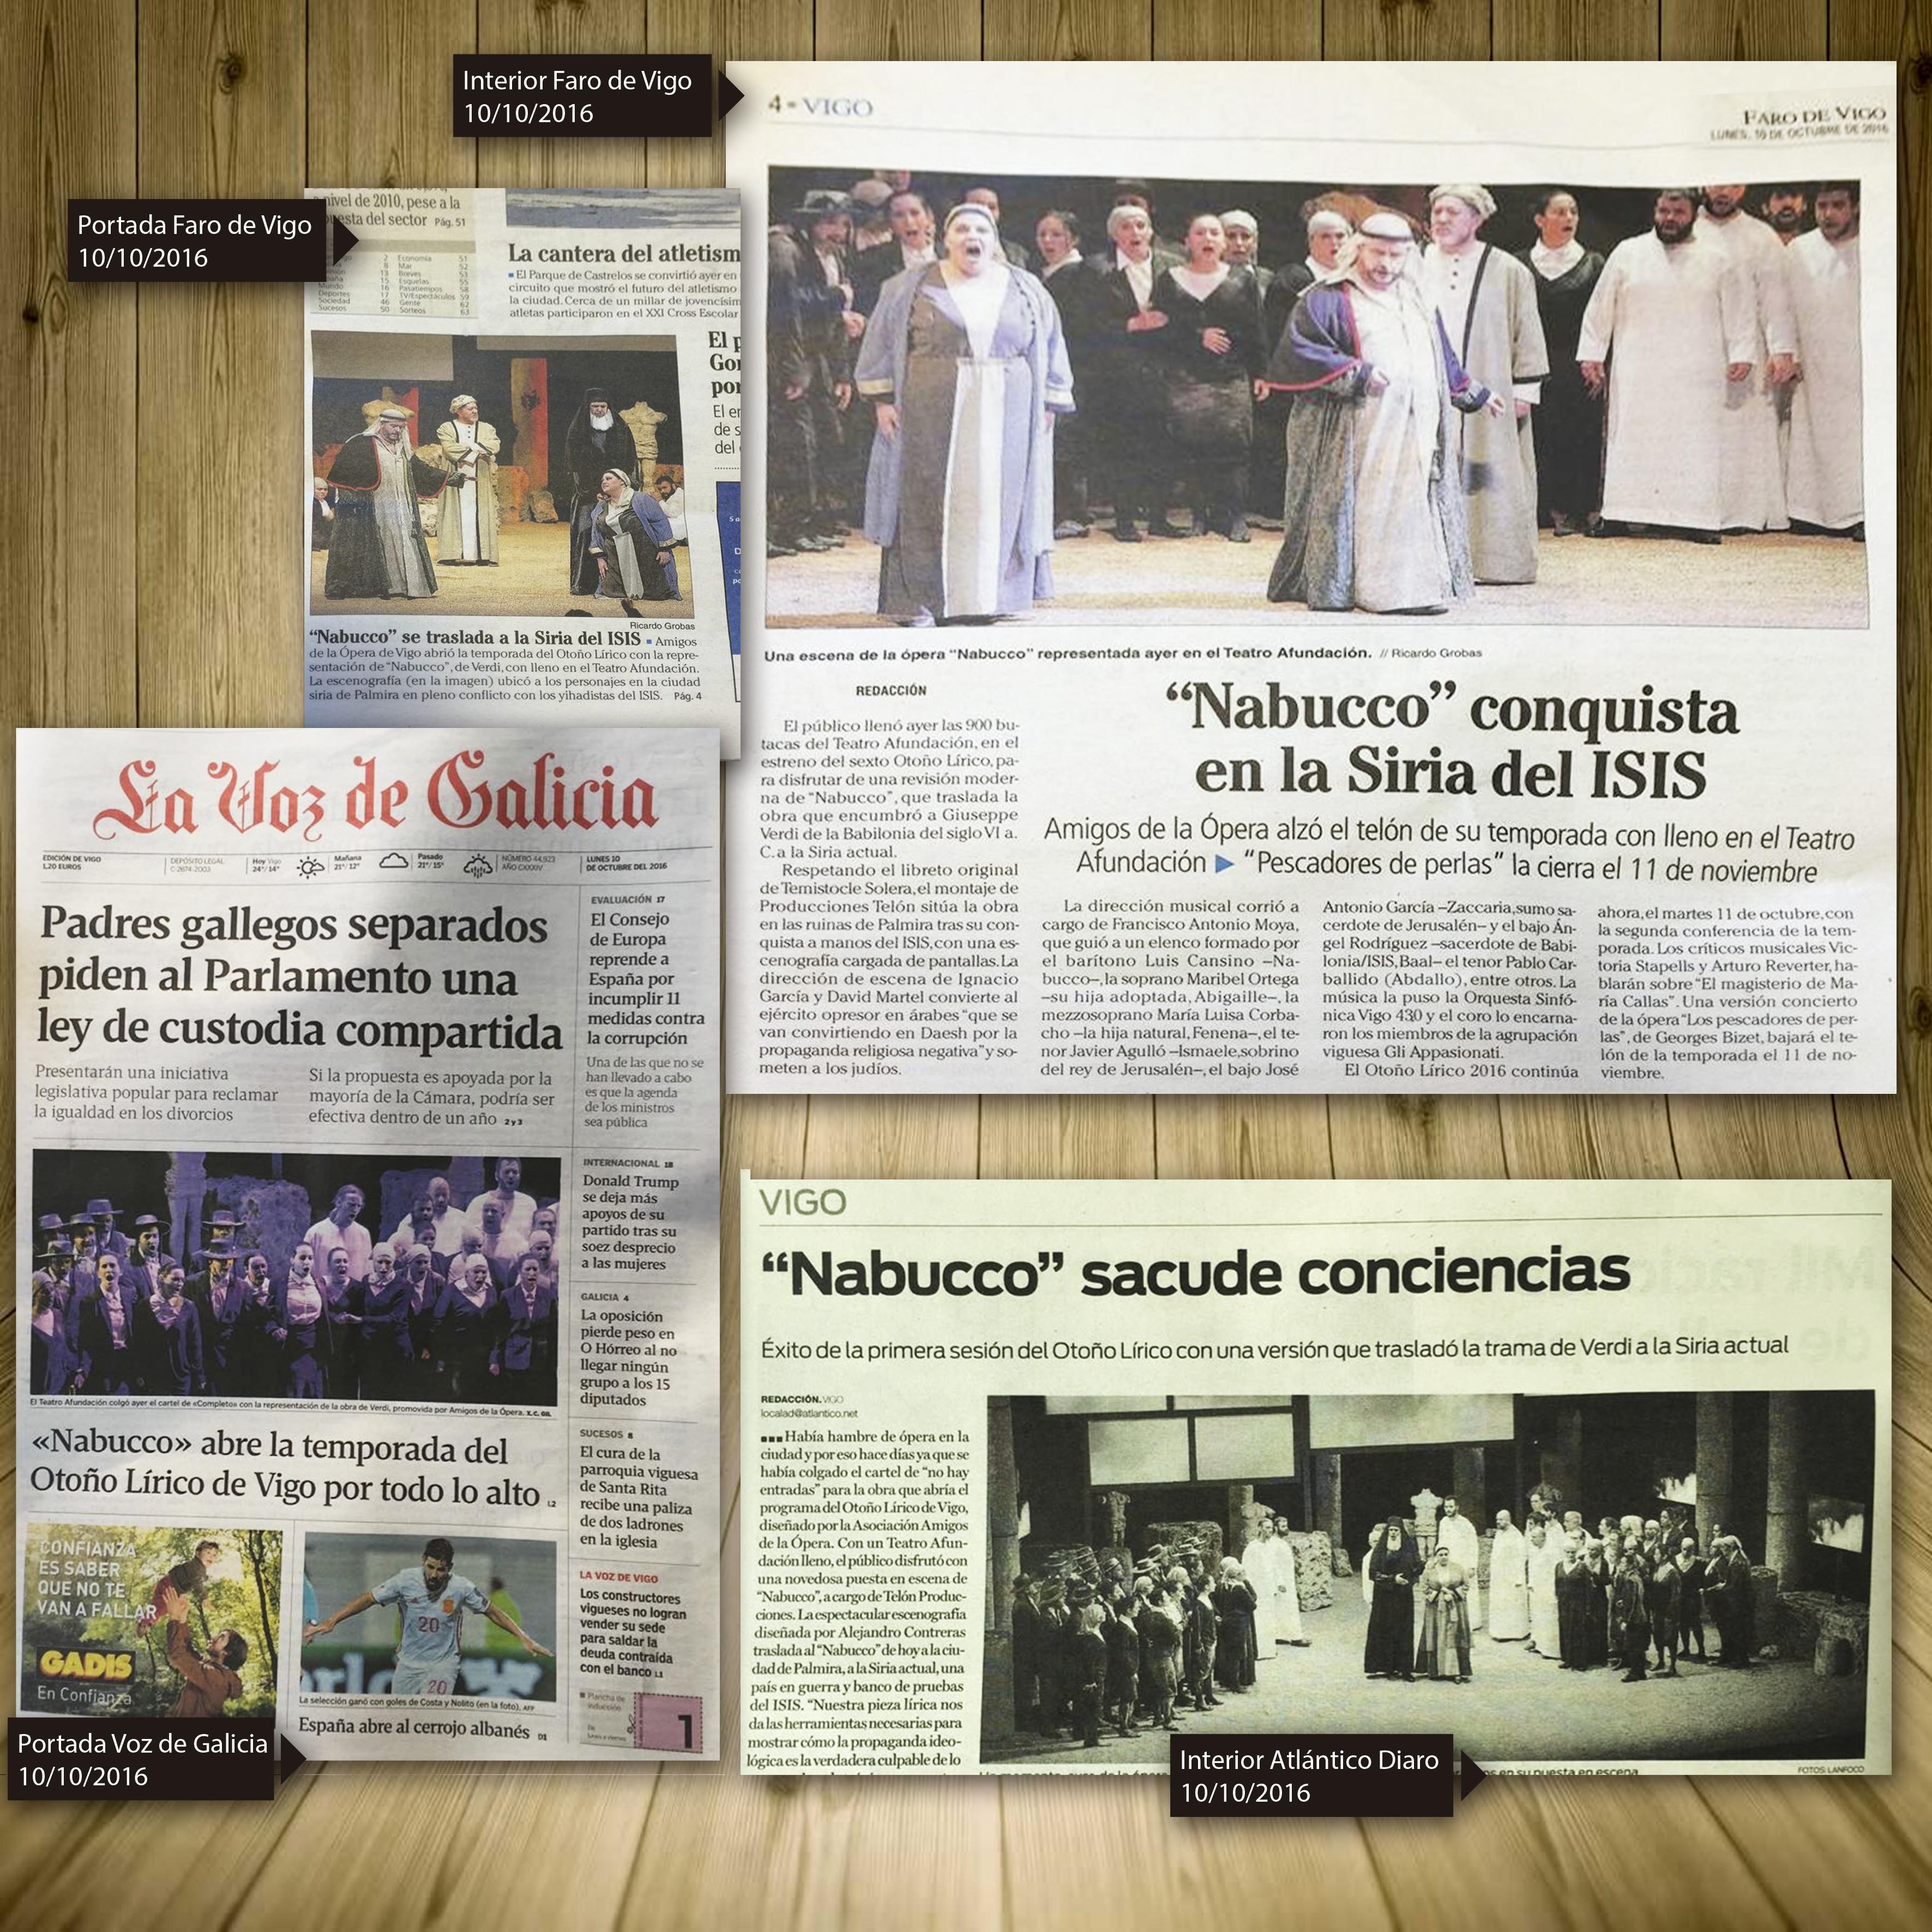 Nuestro kiosko de prensa día 10 de octubre